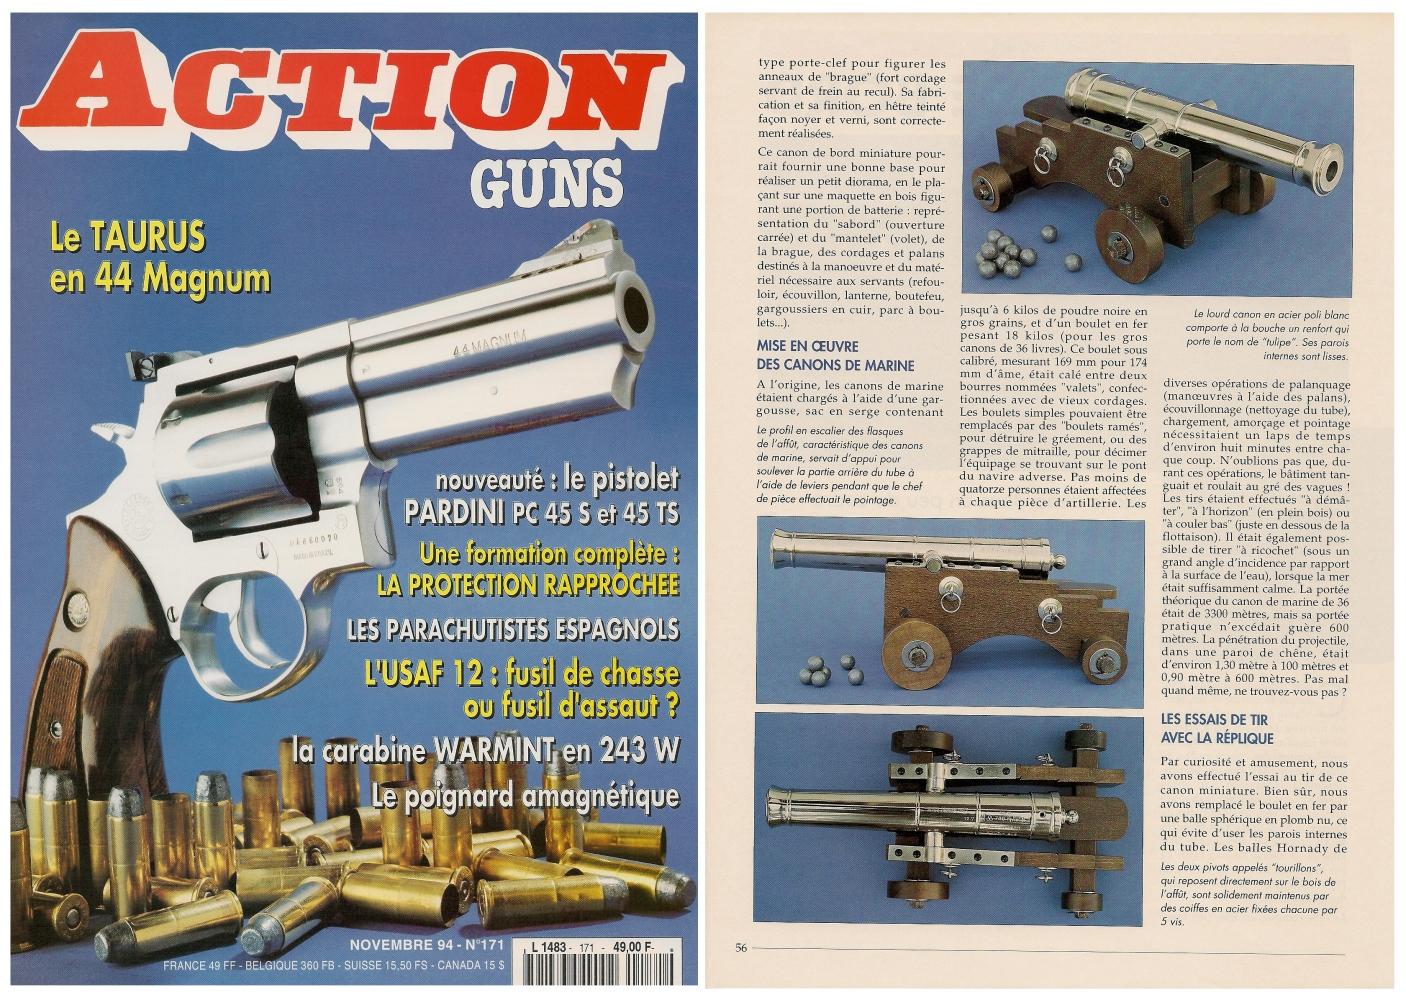 Le banc d'essai de la réplique du canon de marine a été publié sur 5 pages dans le magazine Action Guns n°171 (novembre 1994).